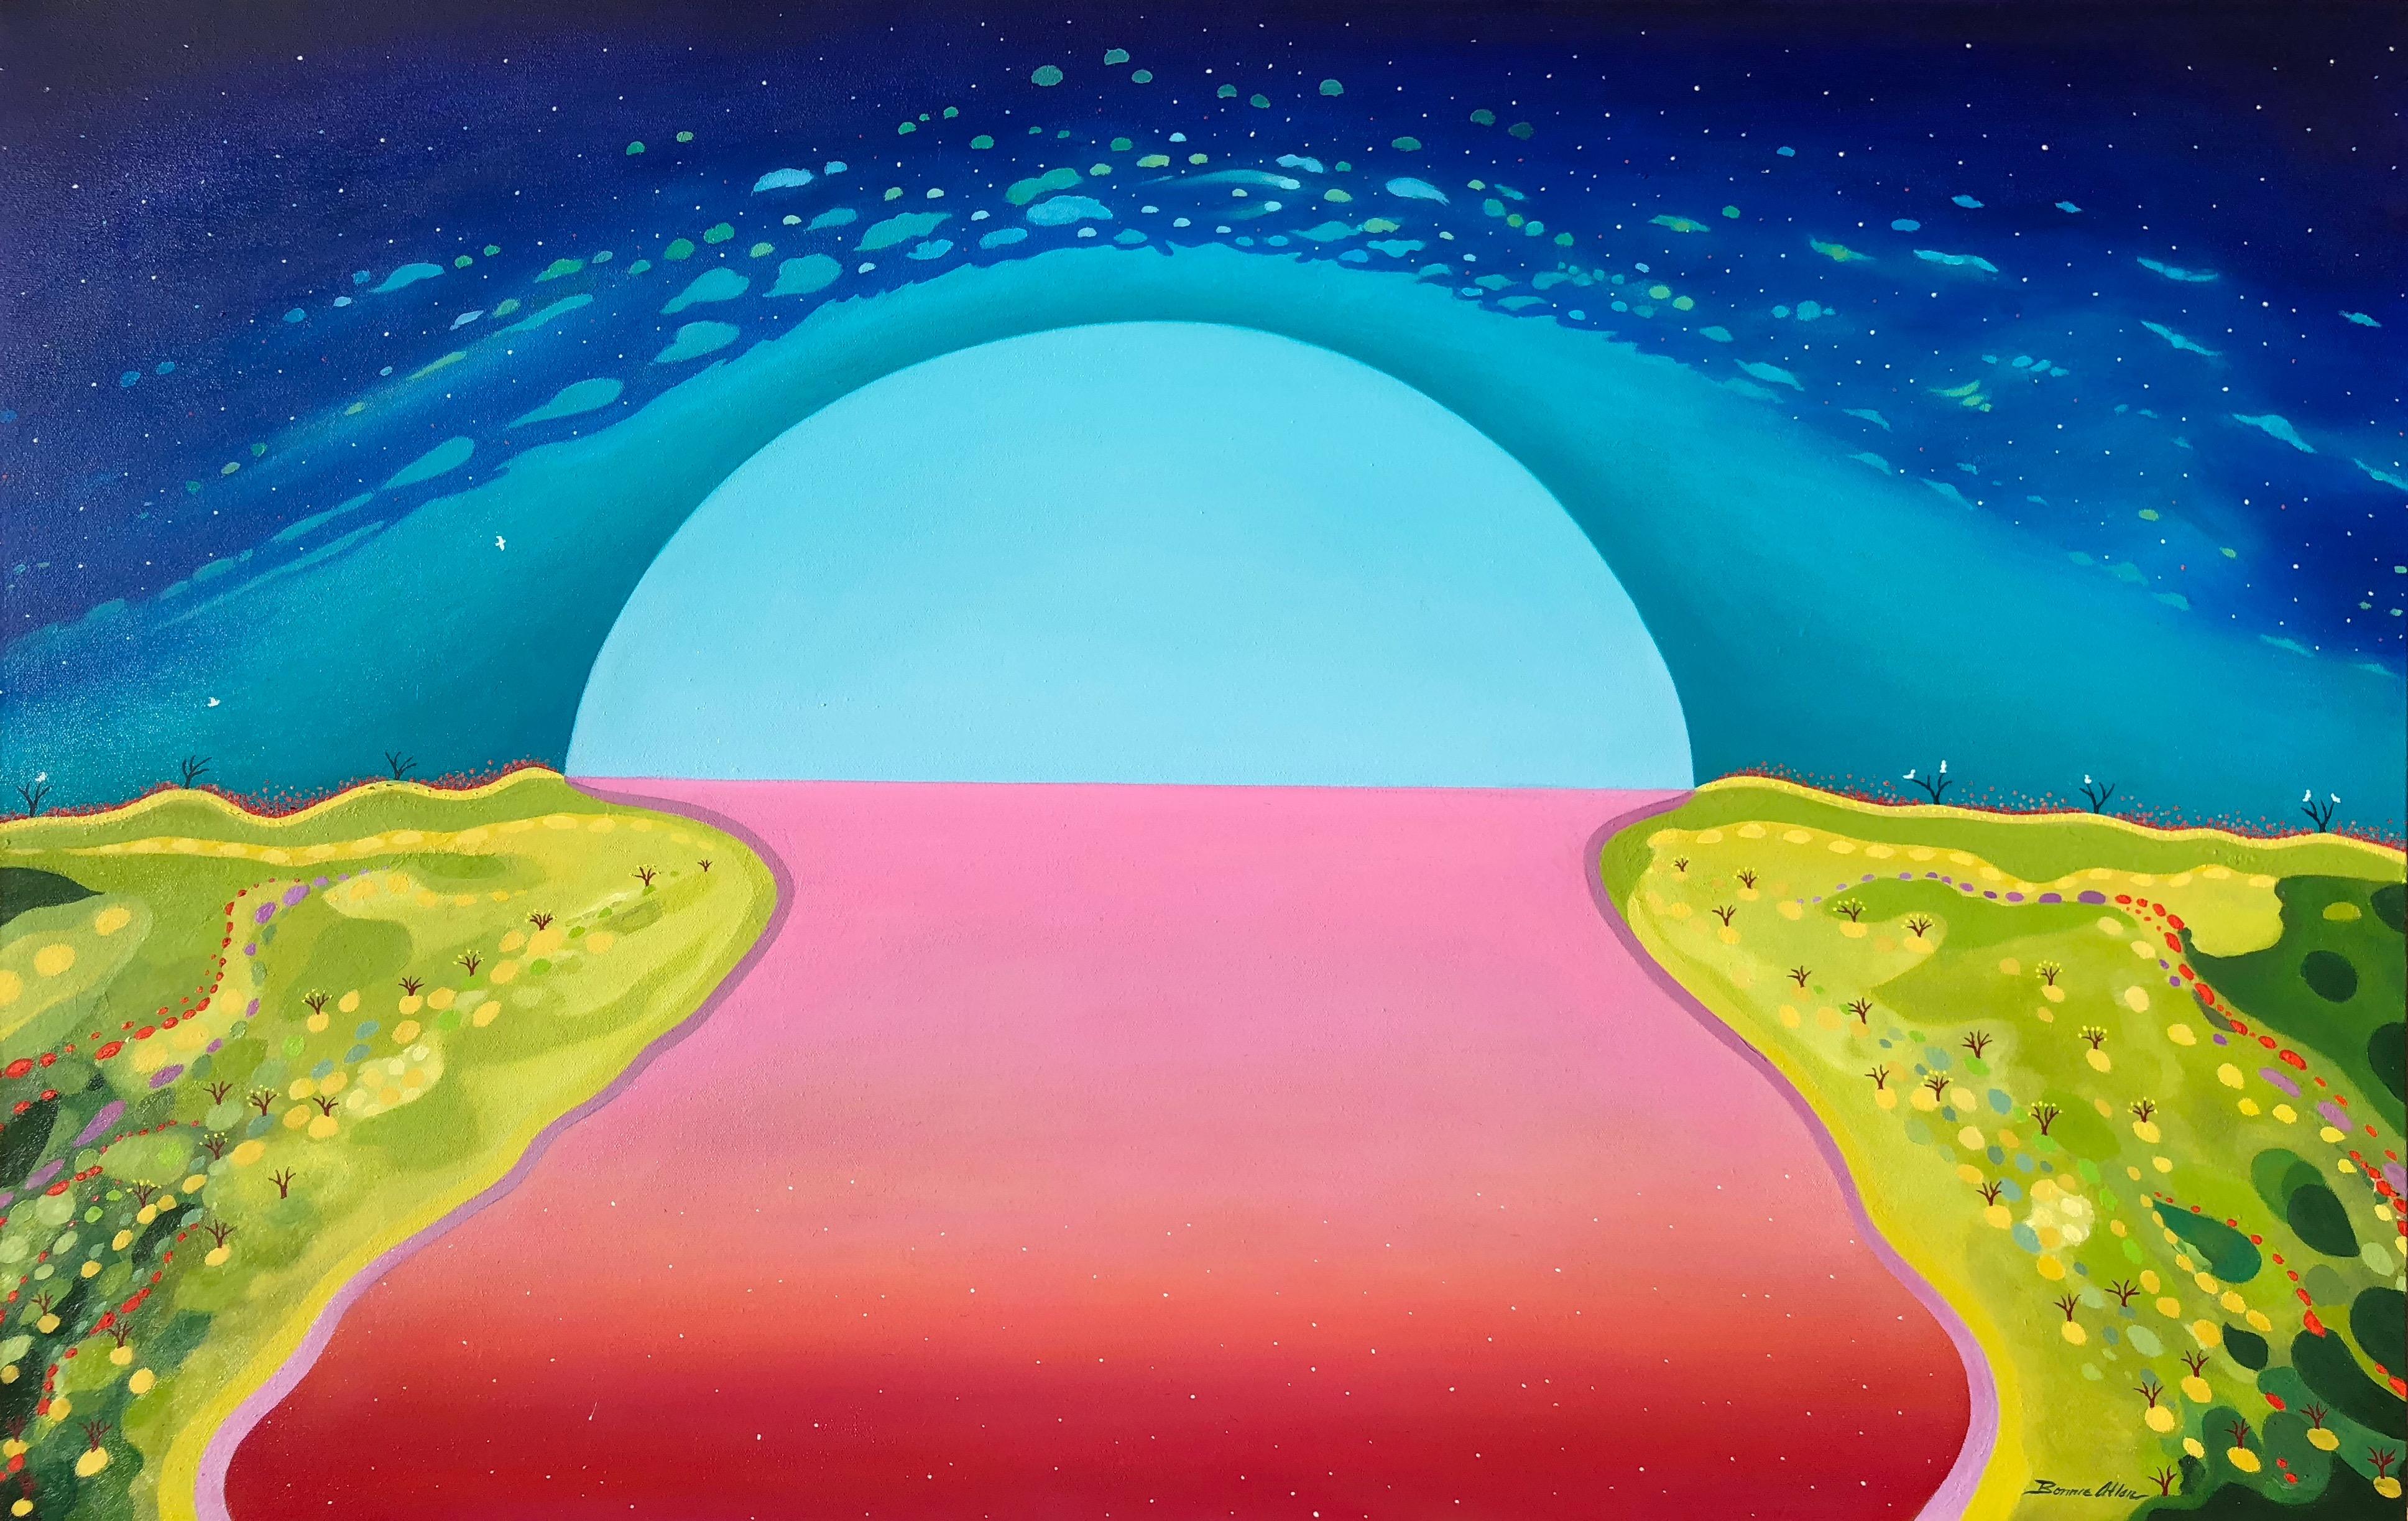 Pink Lake-125 x 80 cm - $4,500